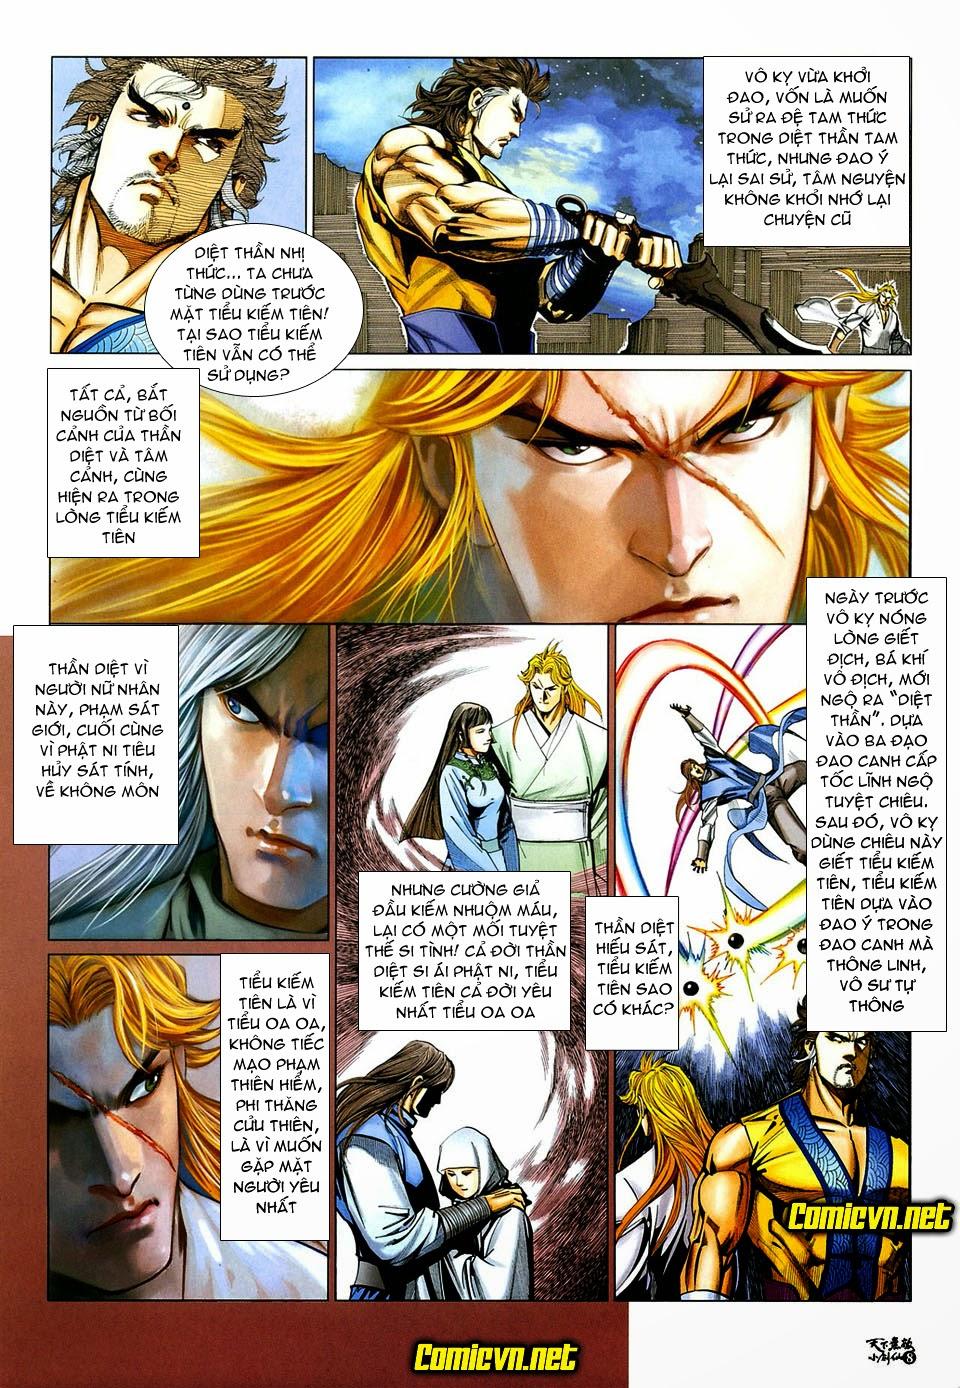 Thiên Hạ Vô Địch Tiểu Kiếm Tiên chap 32 - Trang 8